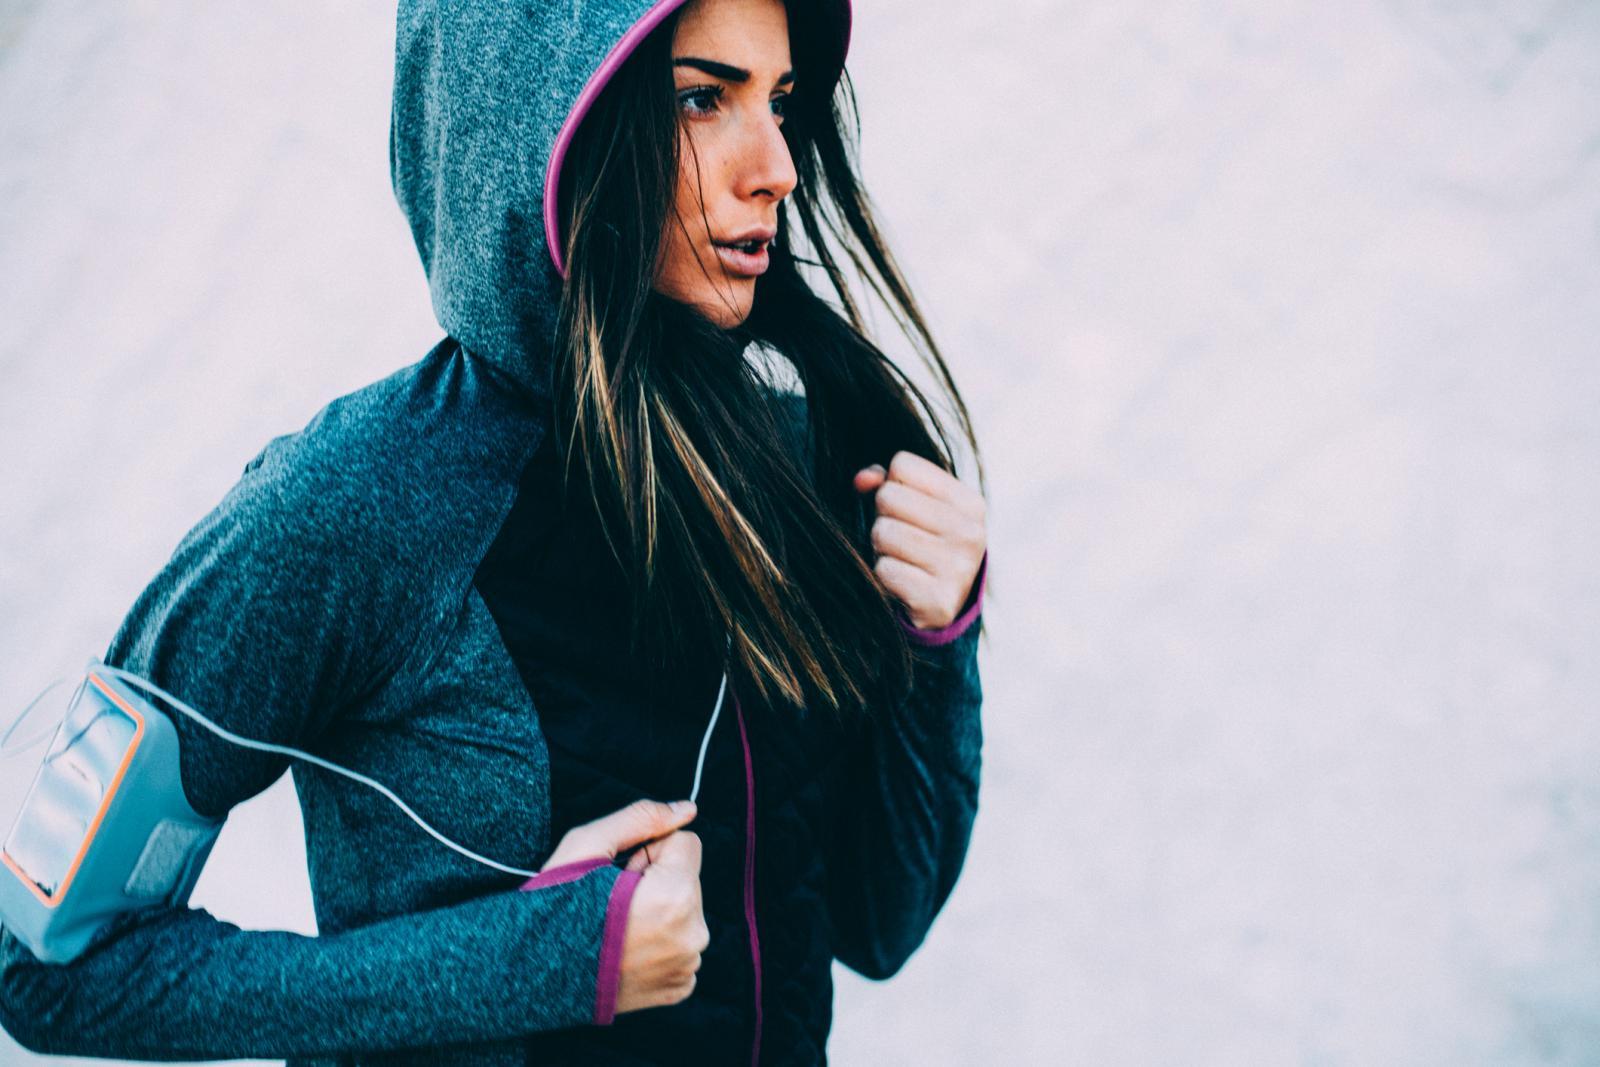 Tijekom trčanja nemojte zanemariti intimne dijelove.